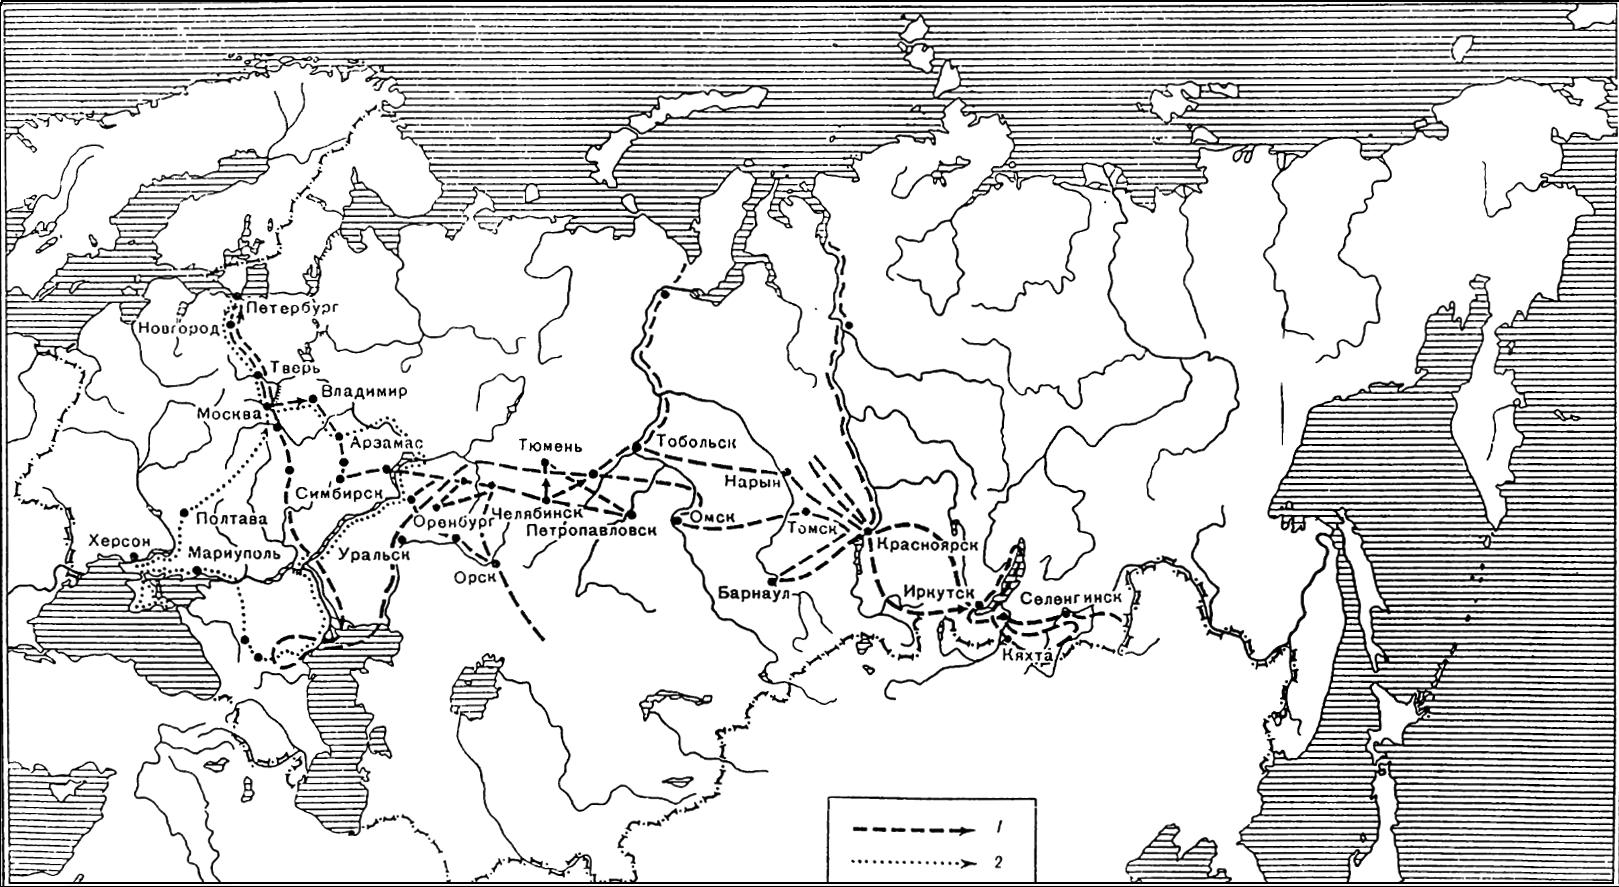 Карта путешествия П. С. Палласа по России (1768–1774)